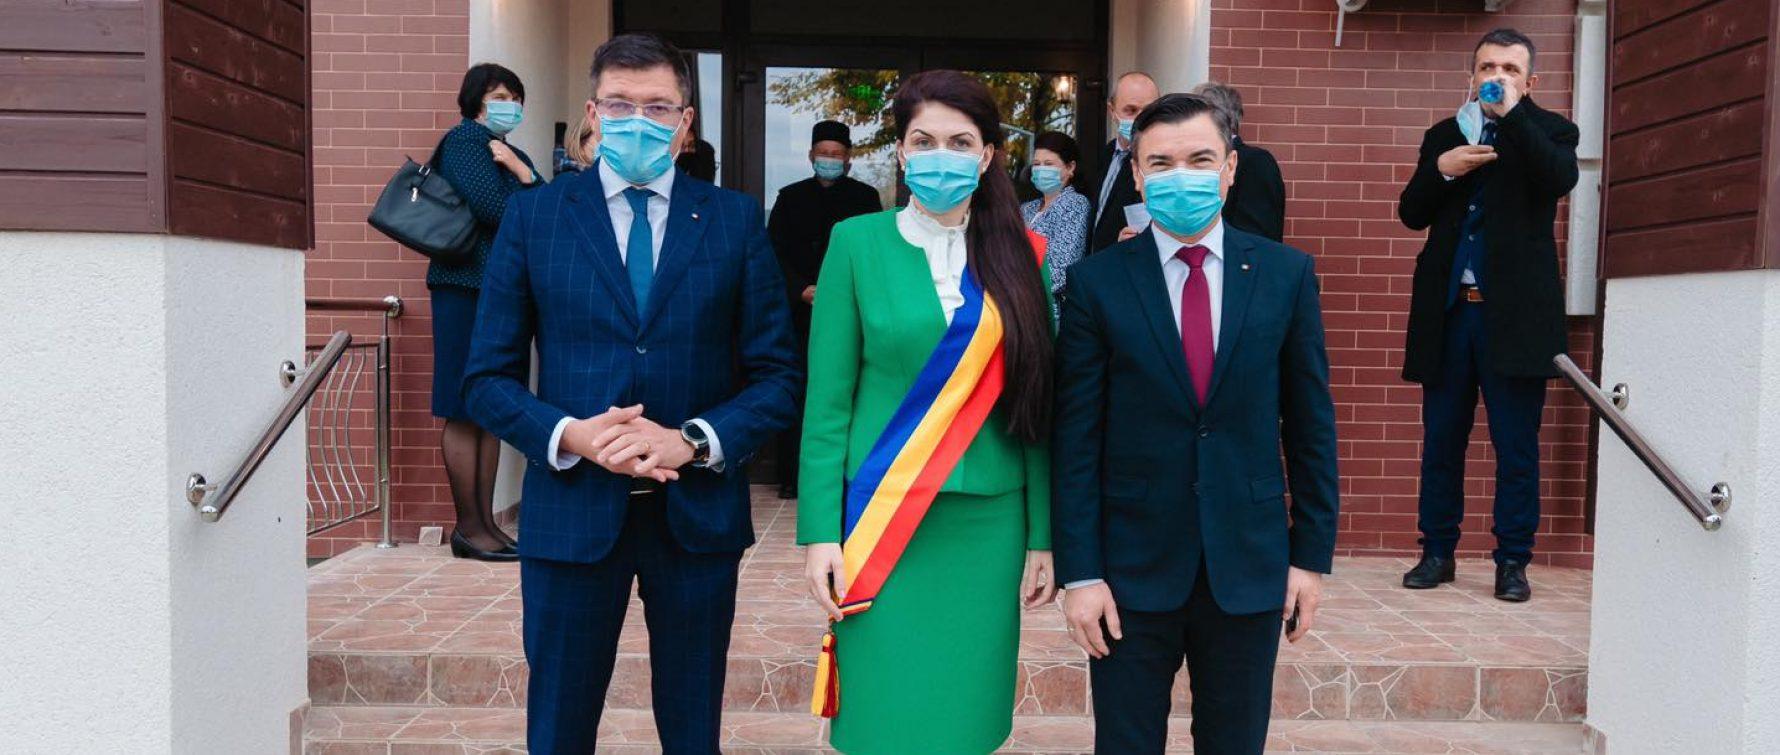 Alina Apostol a fost învestită în funcția de primar – un nou mandat în care să continue dezvoltarea comunei Ciortești